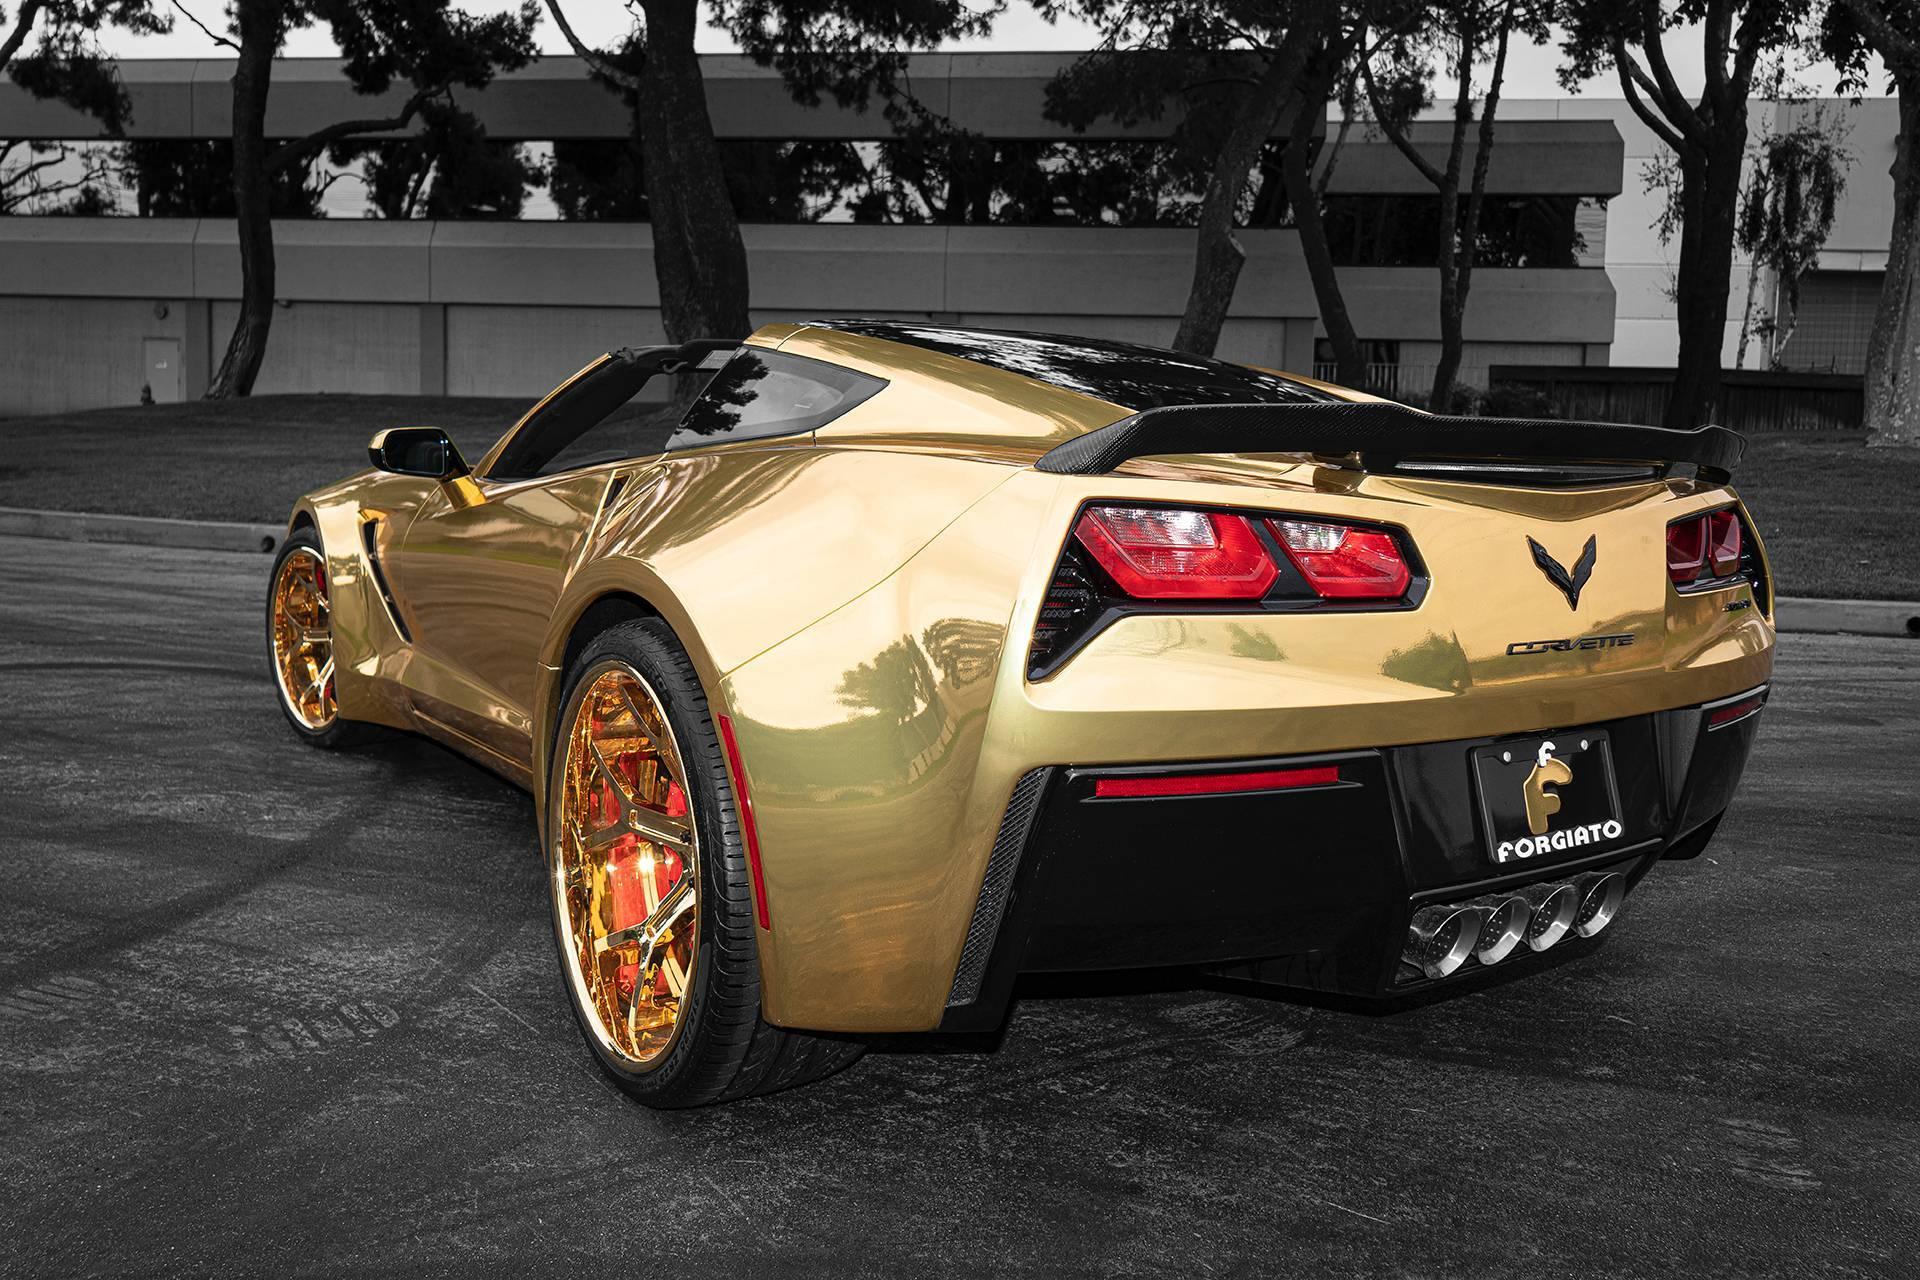 ô tô Chevrolet,xe độ,độ xe,xe dát vàng